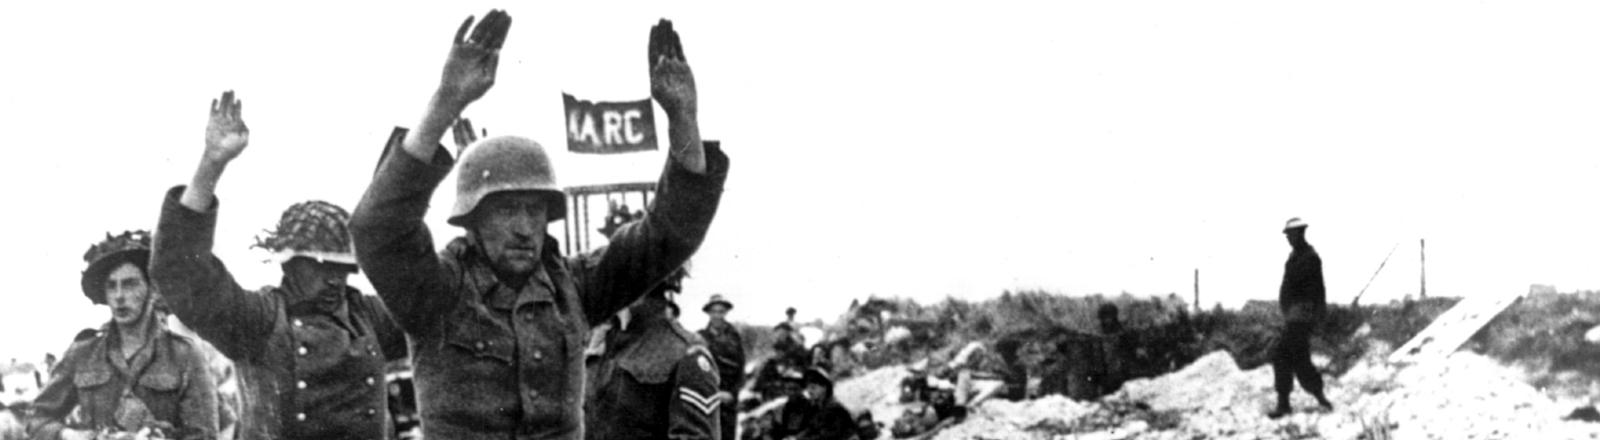 Soldaten der alliierten Truppen führen zwei der ersten deutschen Kriegsgefangenen nach der Landung an der Küste ab. Am 6. Juni 1944 landeten die Alliierten an der Küste der Normandie. Mit der Invasion in Westeuropa begann das Ende des Nationalsozialismus, knapp ein Jahr später, am 8. Mai 1945, endete der zweite Weltkrieg.